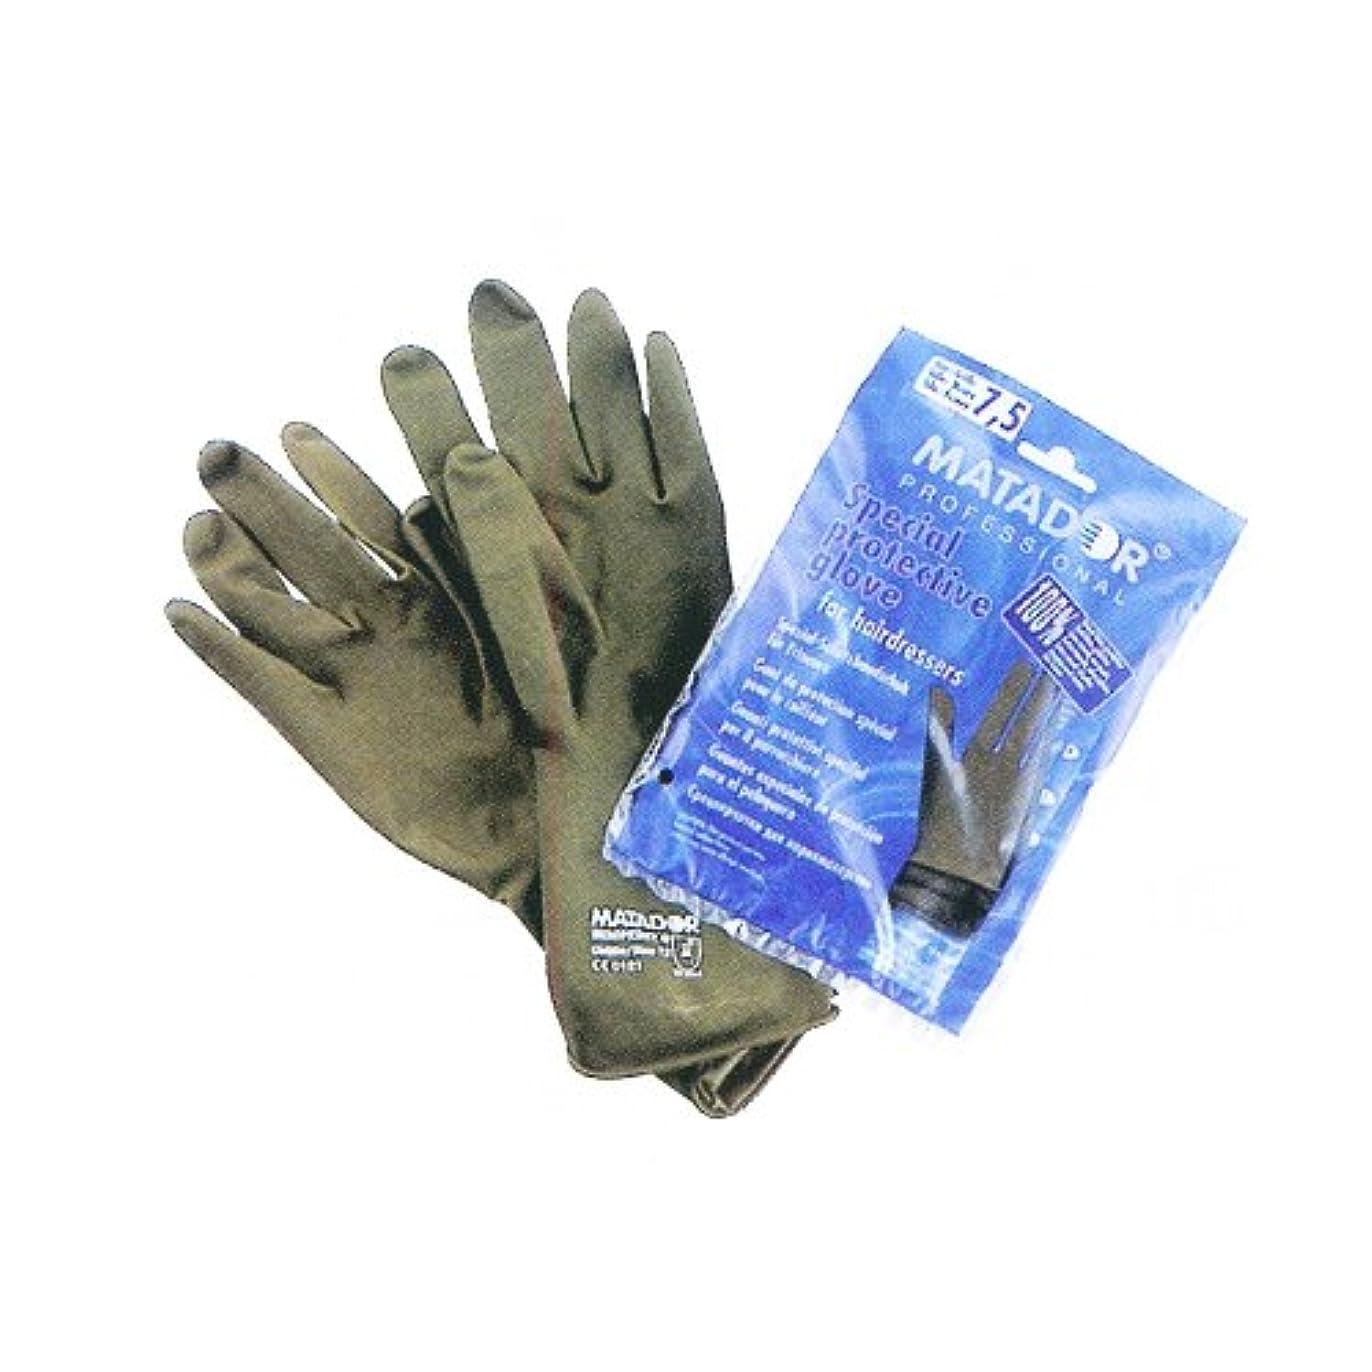 十分に電池区別マタドールゴム手袋 6.5吋